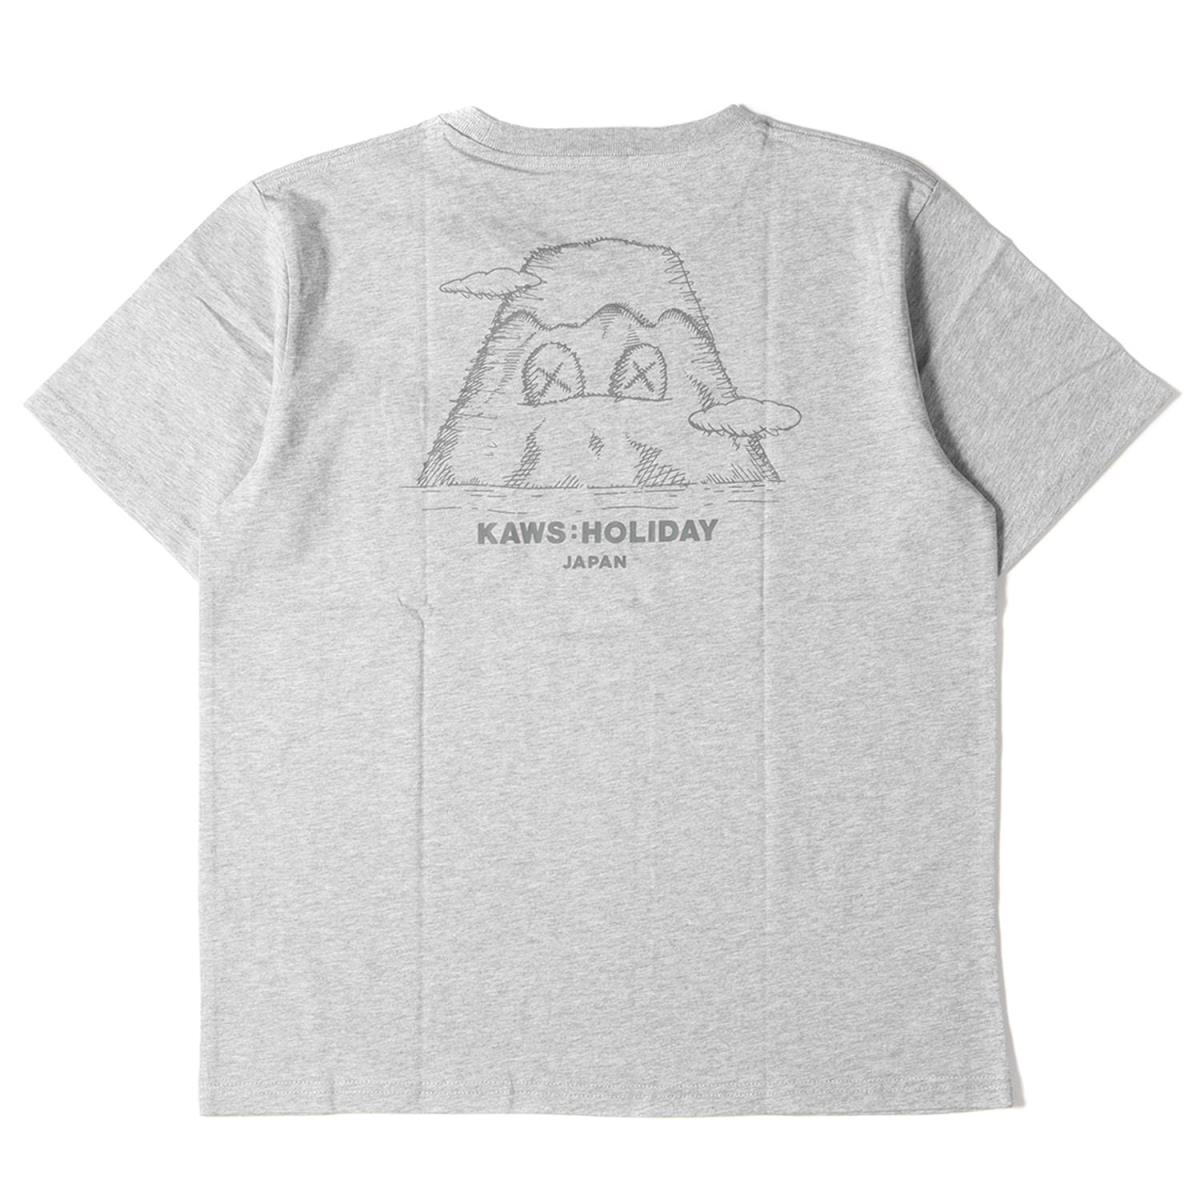 トップス, Tシャツ・カットソー KAWS T KAWS:HOLIDAY JAPAN T L K3066